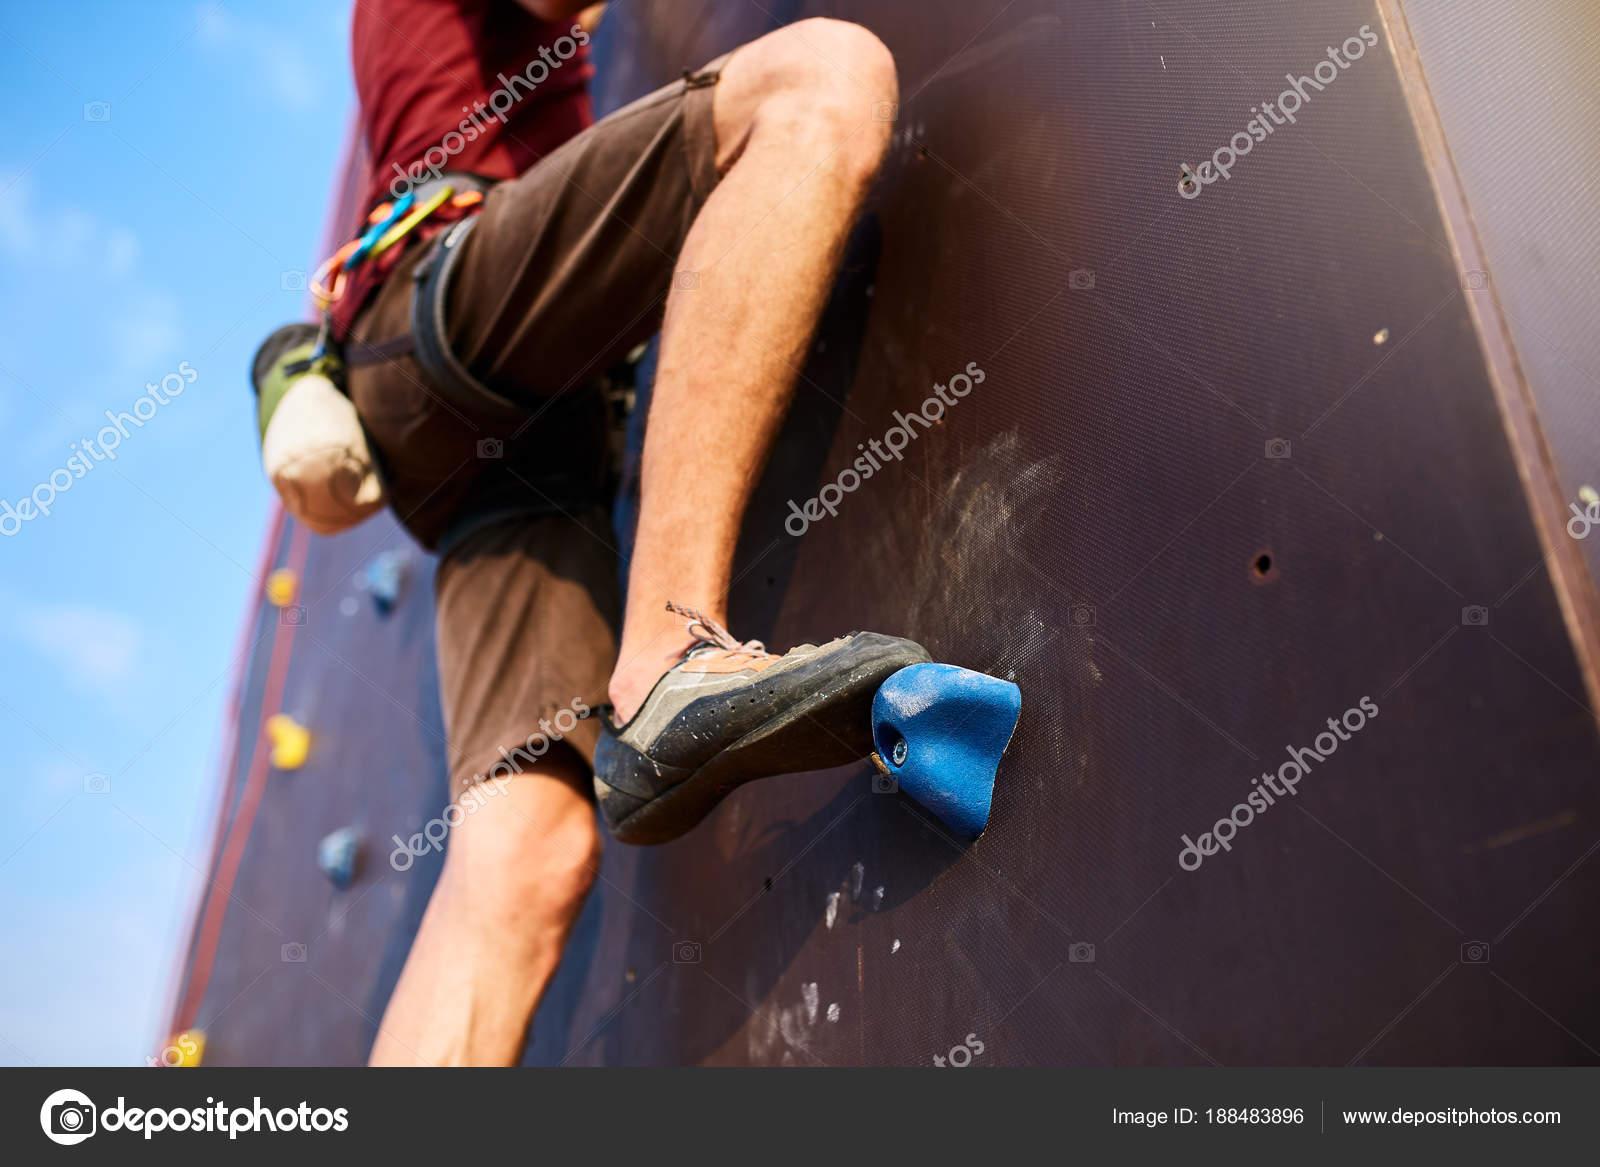 Klettergurt Aus Seil Binden : Bottom up blick auf felsen kletterer fuß ausbildung künstliche